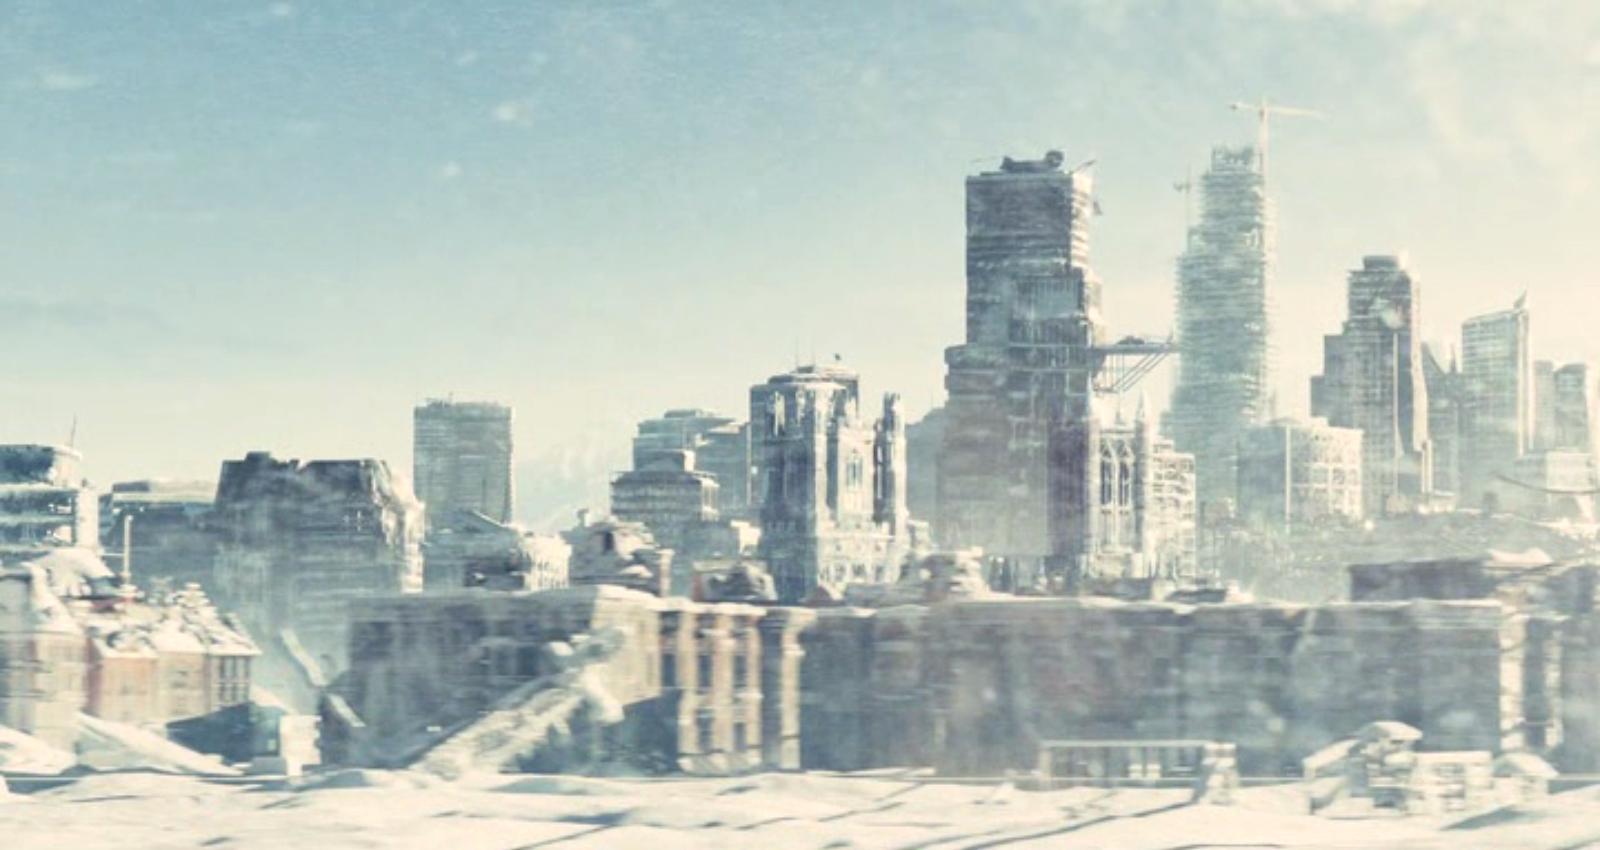 """Cine y Arquitectura: """"Snowpiercer"""""""